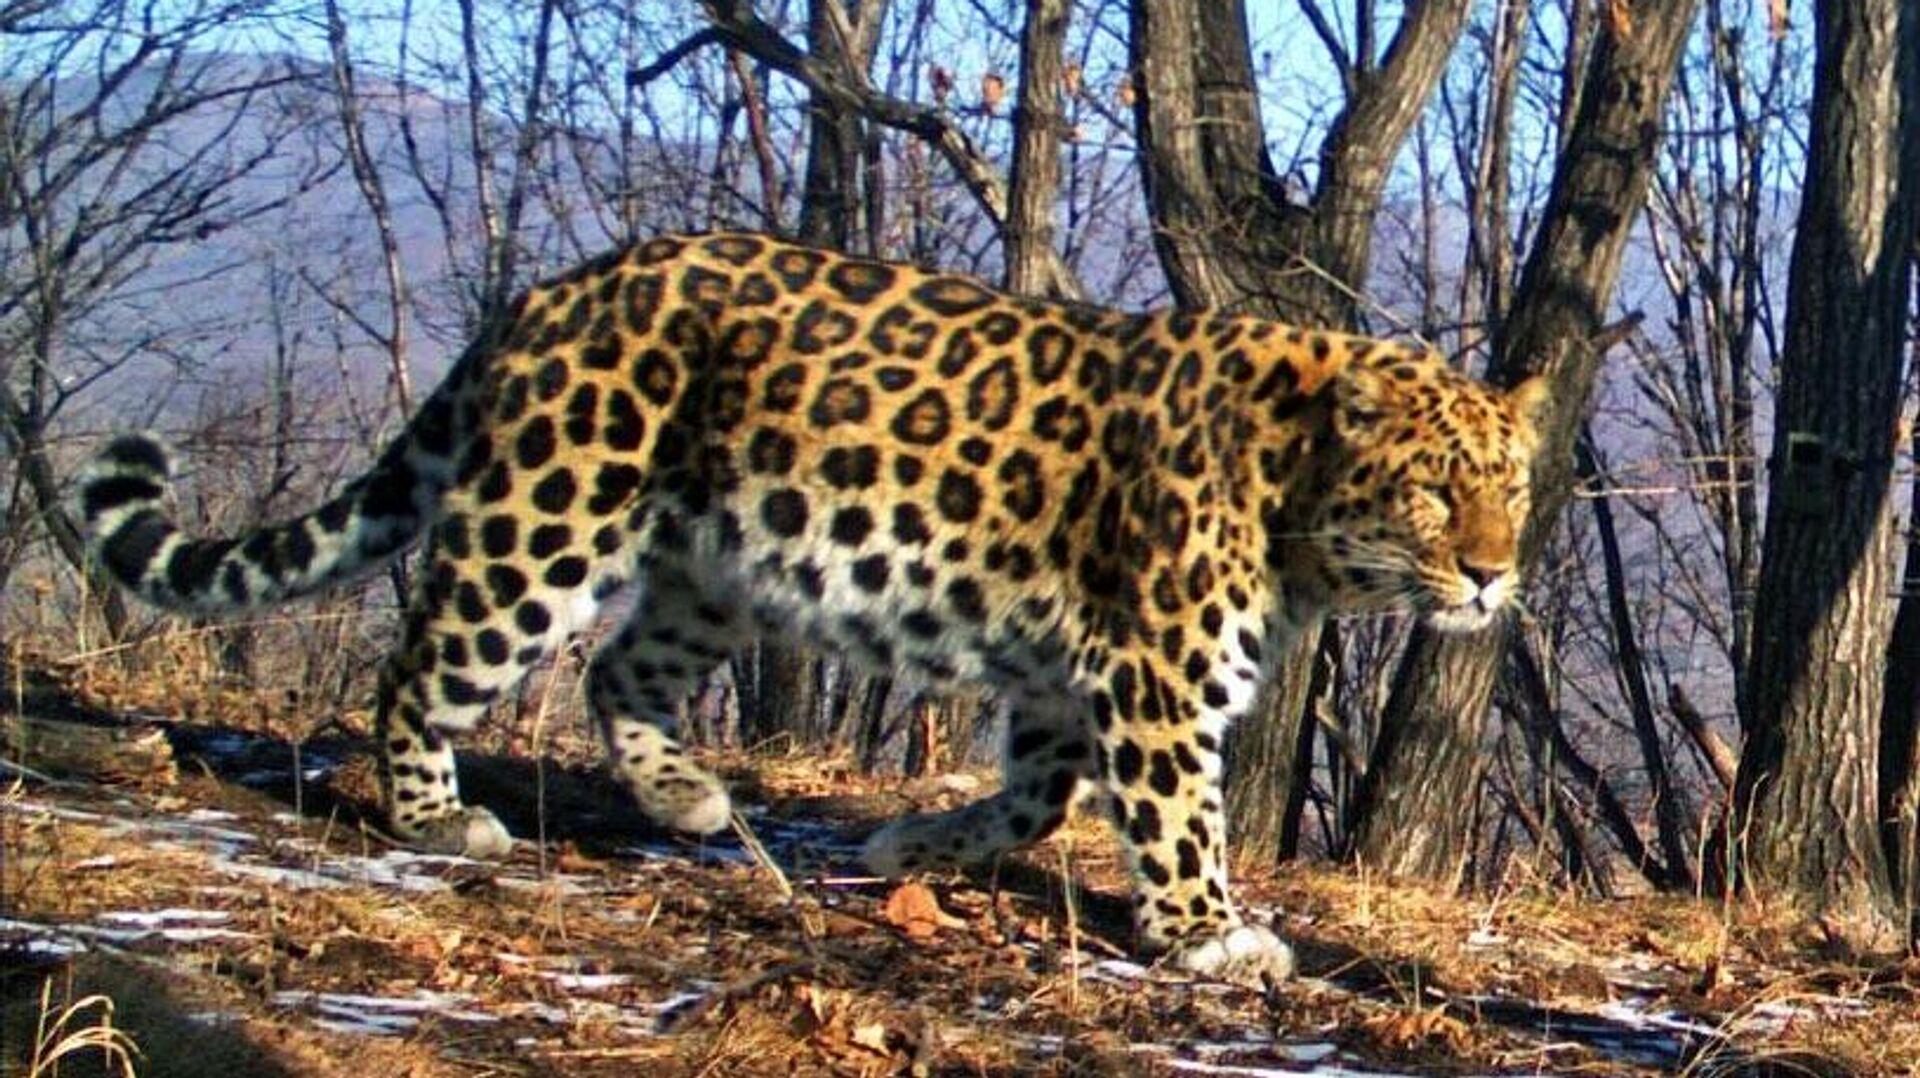 Один из старейших дальневосточных леопардов на территории национального парка Земля леопарда в Приморском крае - РИА Новости, 1920, 11.10.2020